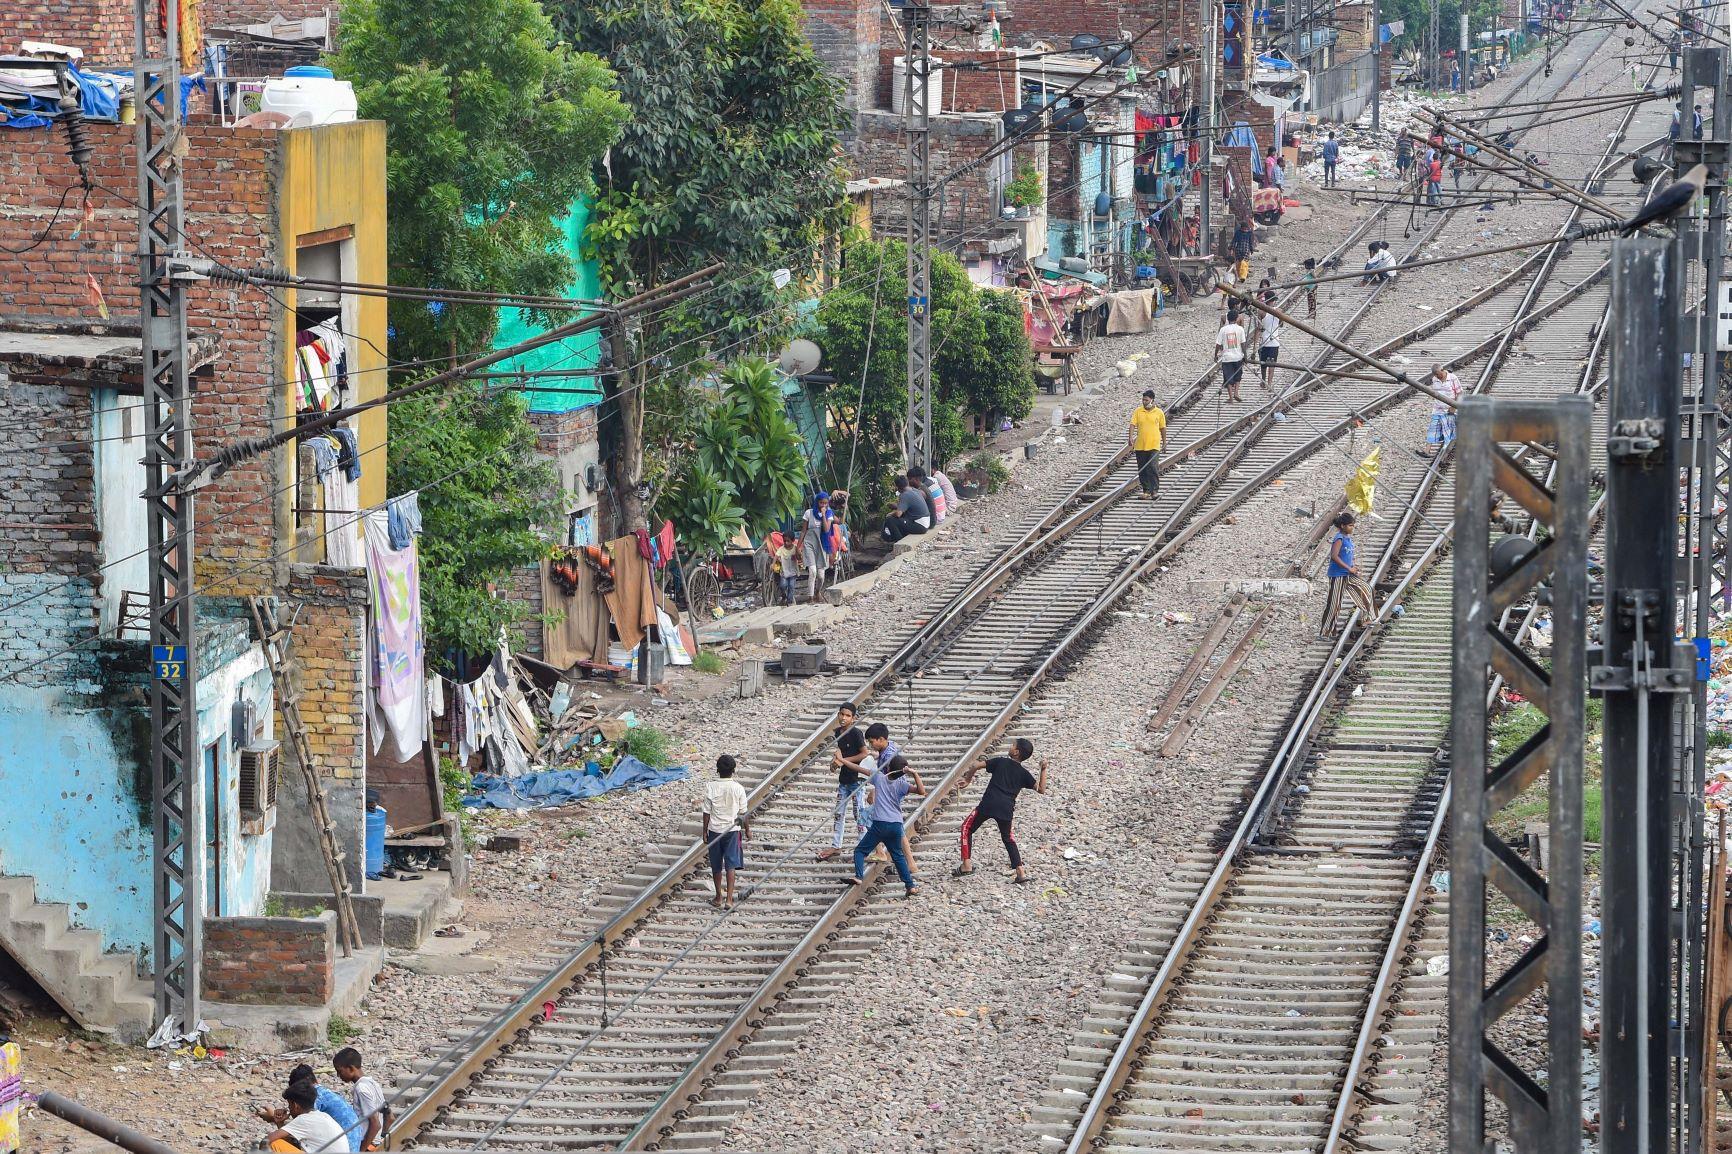 دہلی کے آزاد پور ریلوے اسٹیشن کے پاس بسی ایک بستی۔ (فوٹو: پی ٹی آئی)